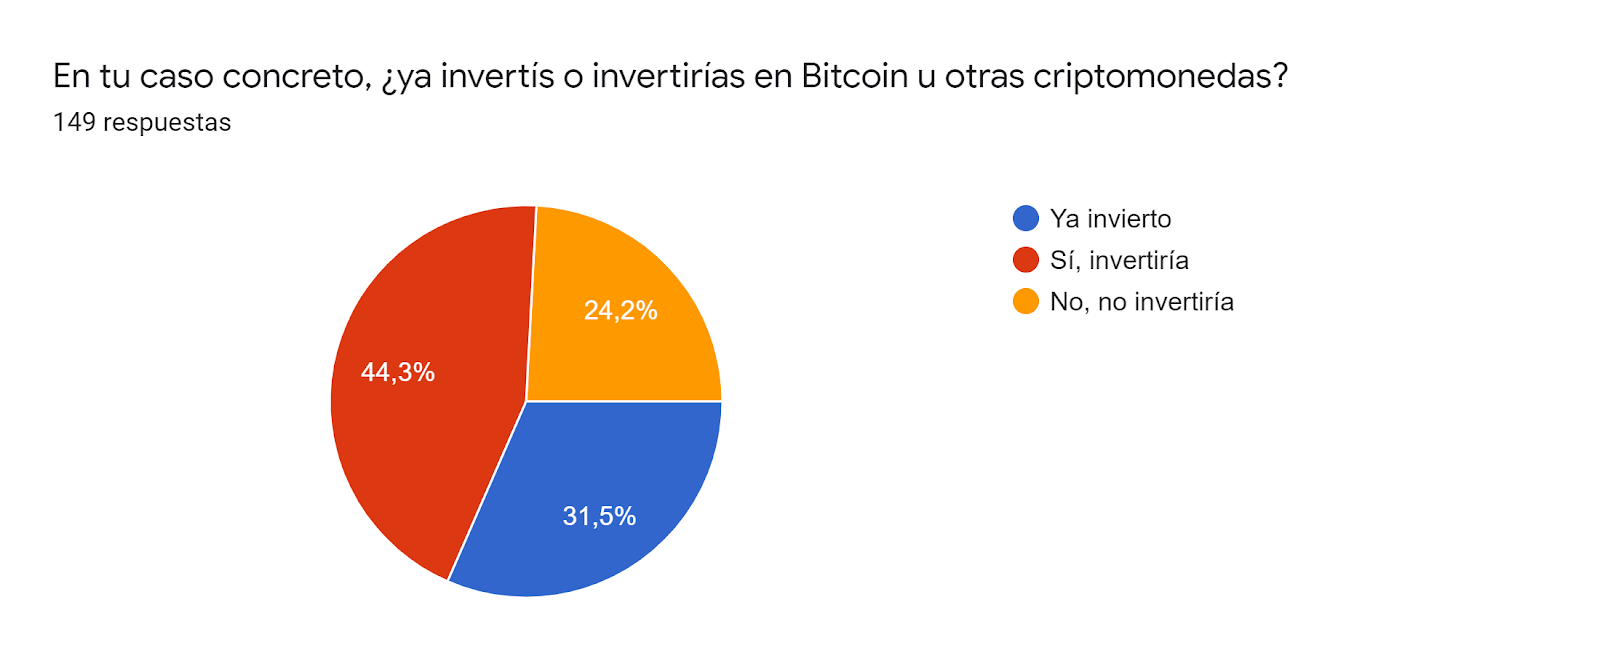 Gráfico de respuestas de formularios. Título de la pregunta:En tu caso concreto, ¿ya invertís o invertirías en Bitcoin u otras criptomonedas?. Número de respuestas:149 respuestas.